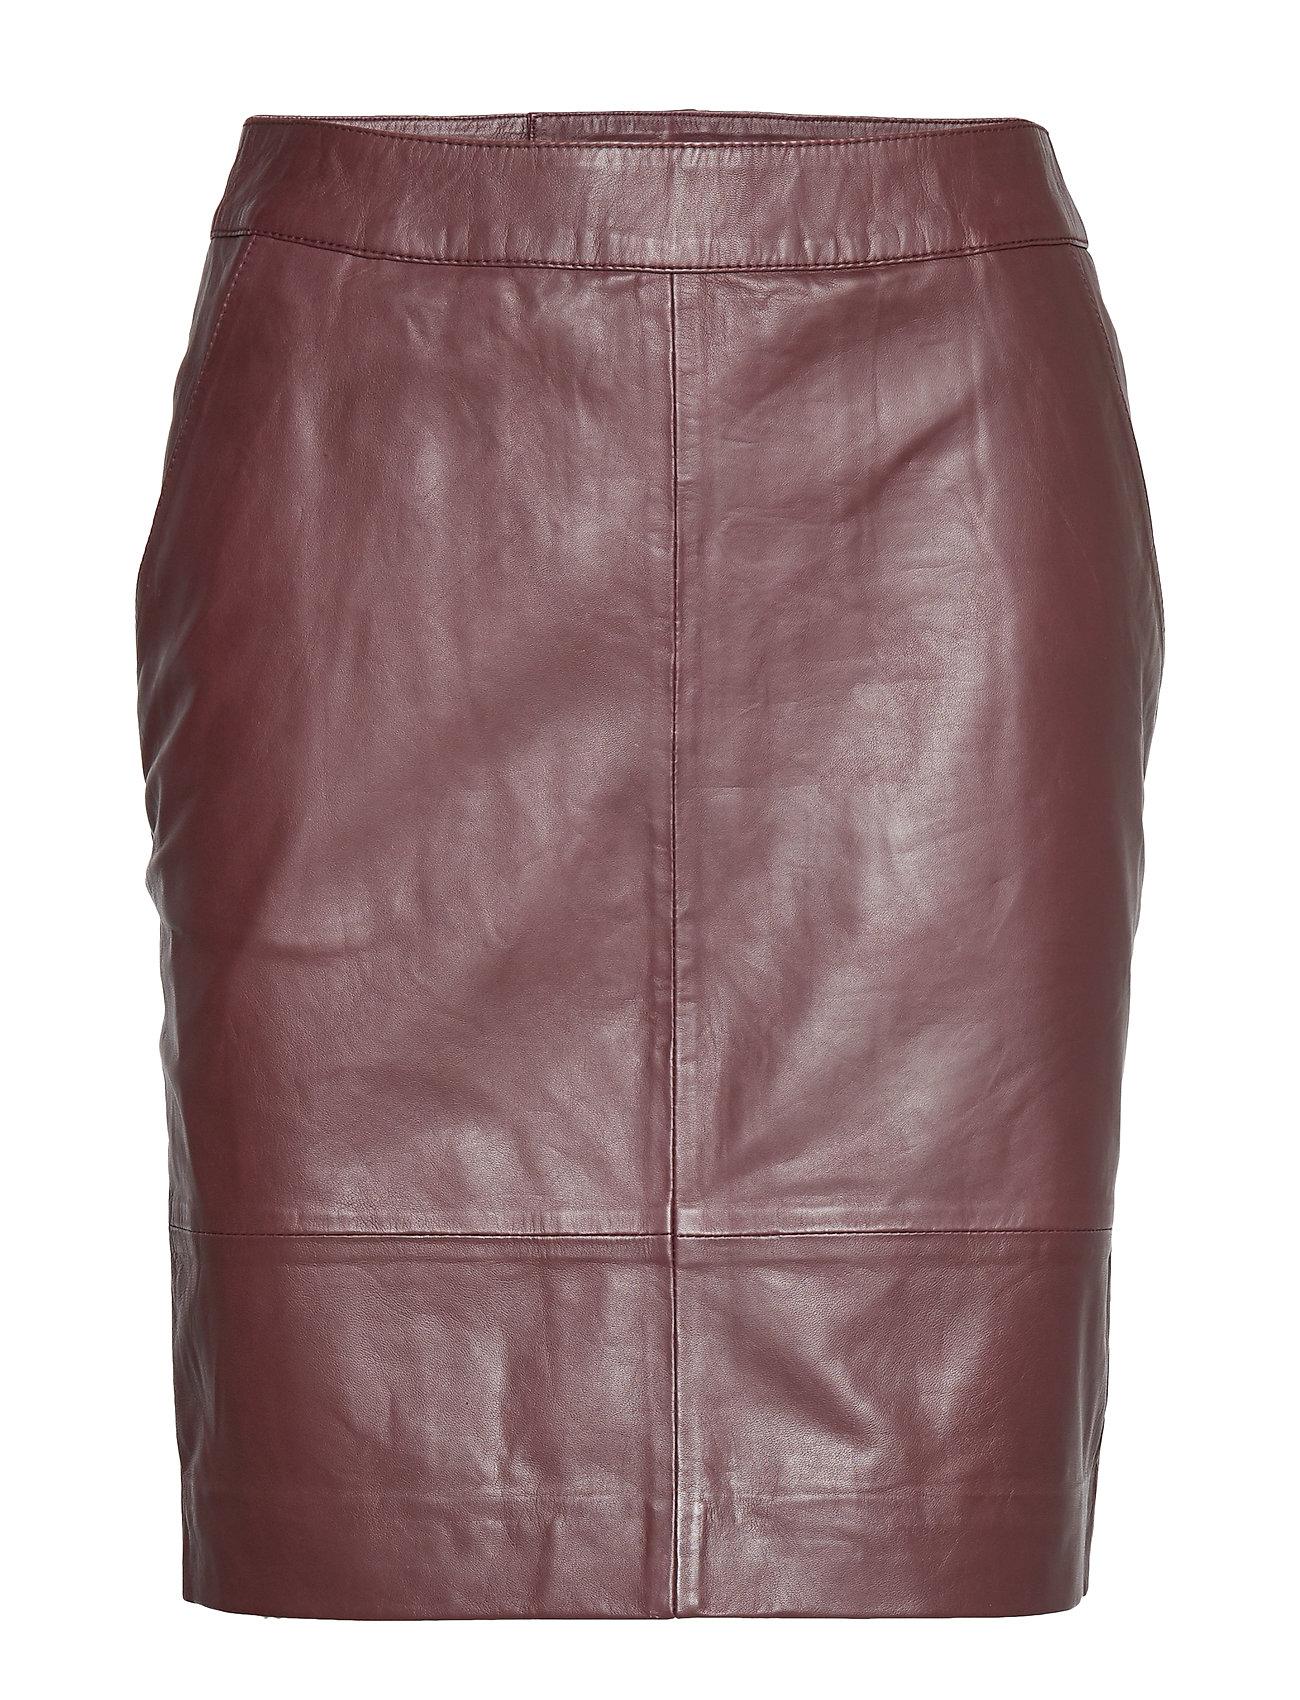 Gestuz CharGZ mini skirt AO19 - PORT ROYALE